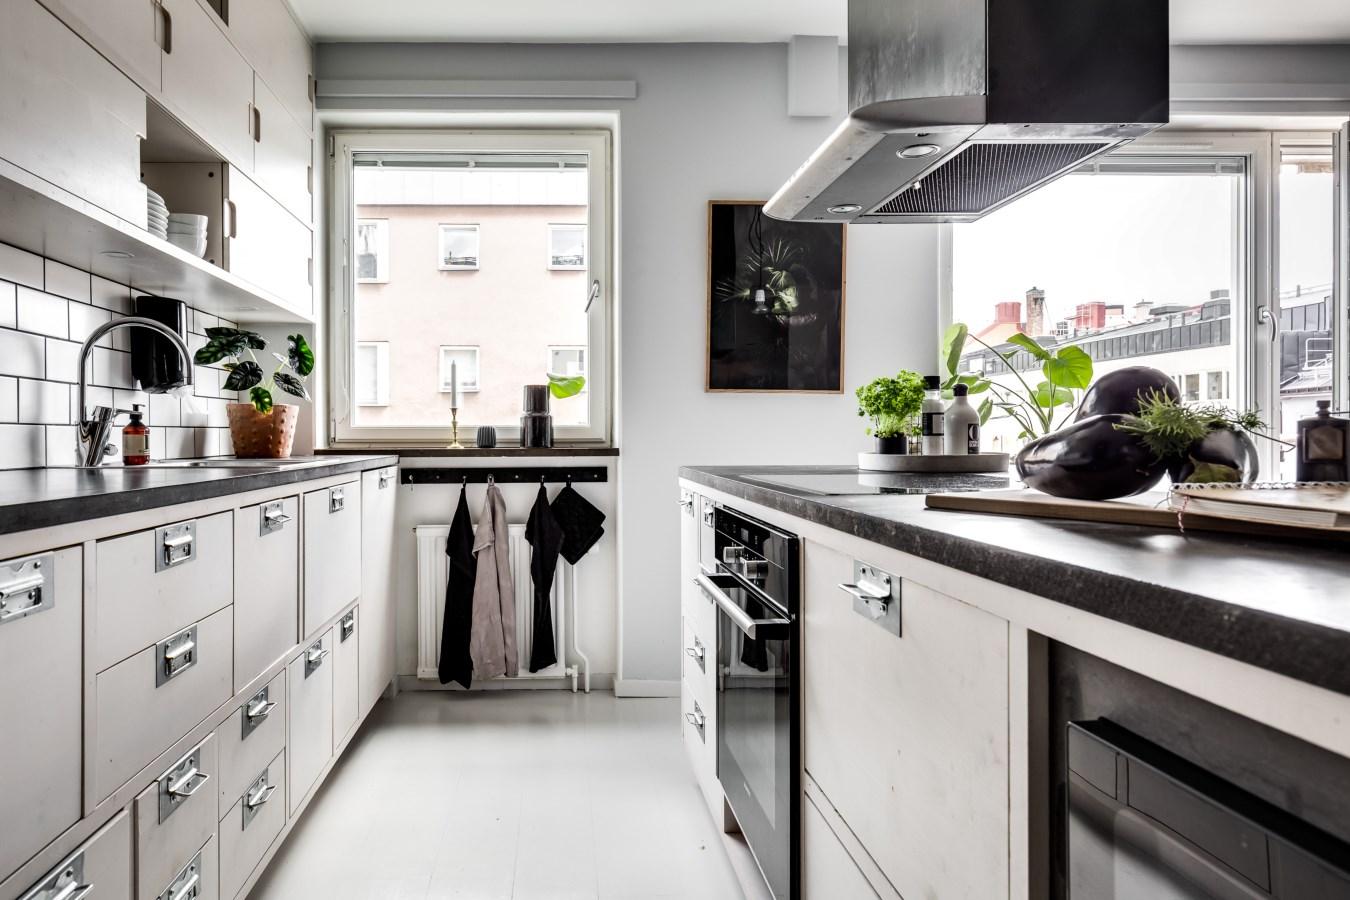 кухня столешница плита вытяжка